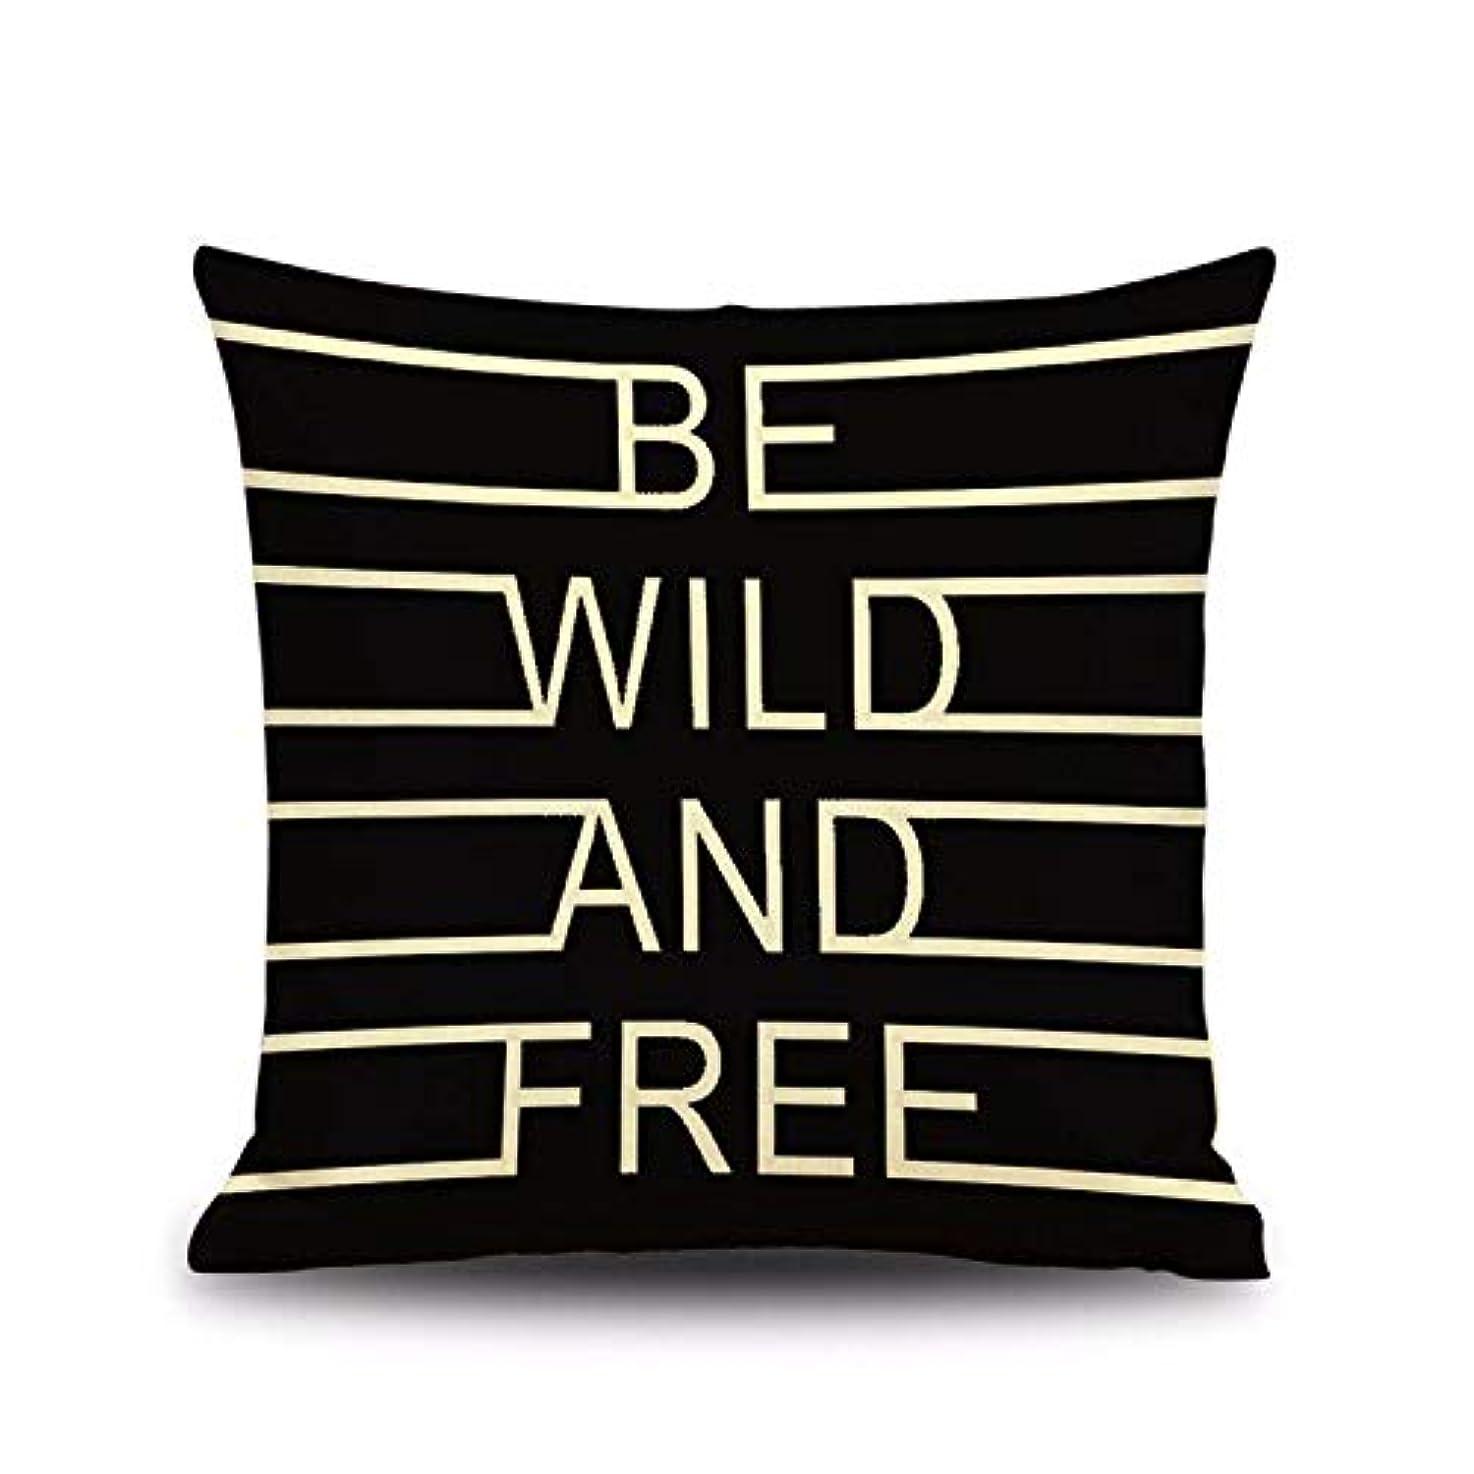 コロニアル名誉ドラフトLIFE 送料無料リネンクッション、枕 (含まないフィリング) 40 × 40 センチメートル、 45 × 45 センチメートル、 50 × 50 センチメートル、 60 × 60 センチメートル クッション 椅子